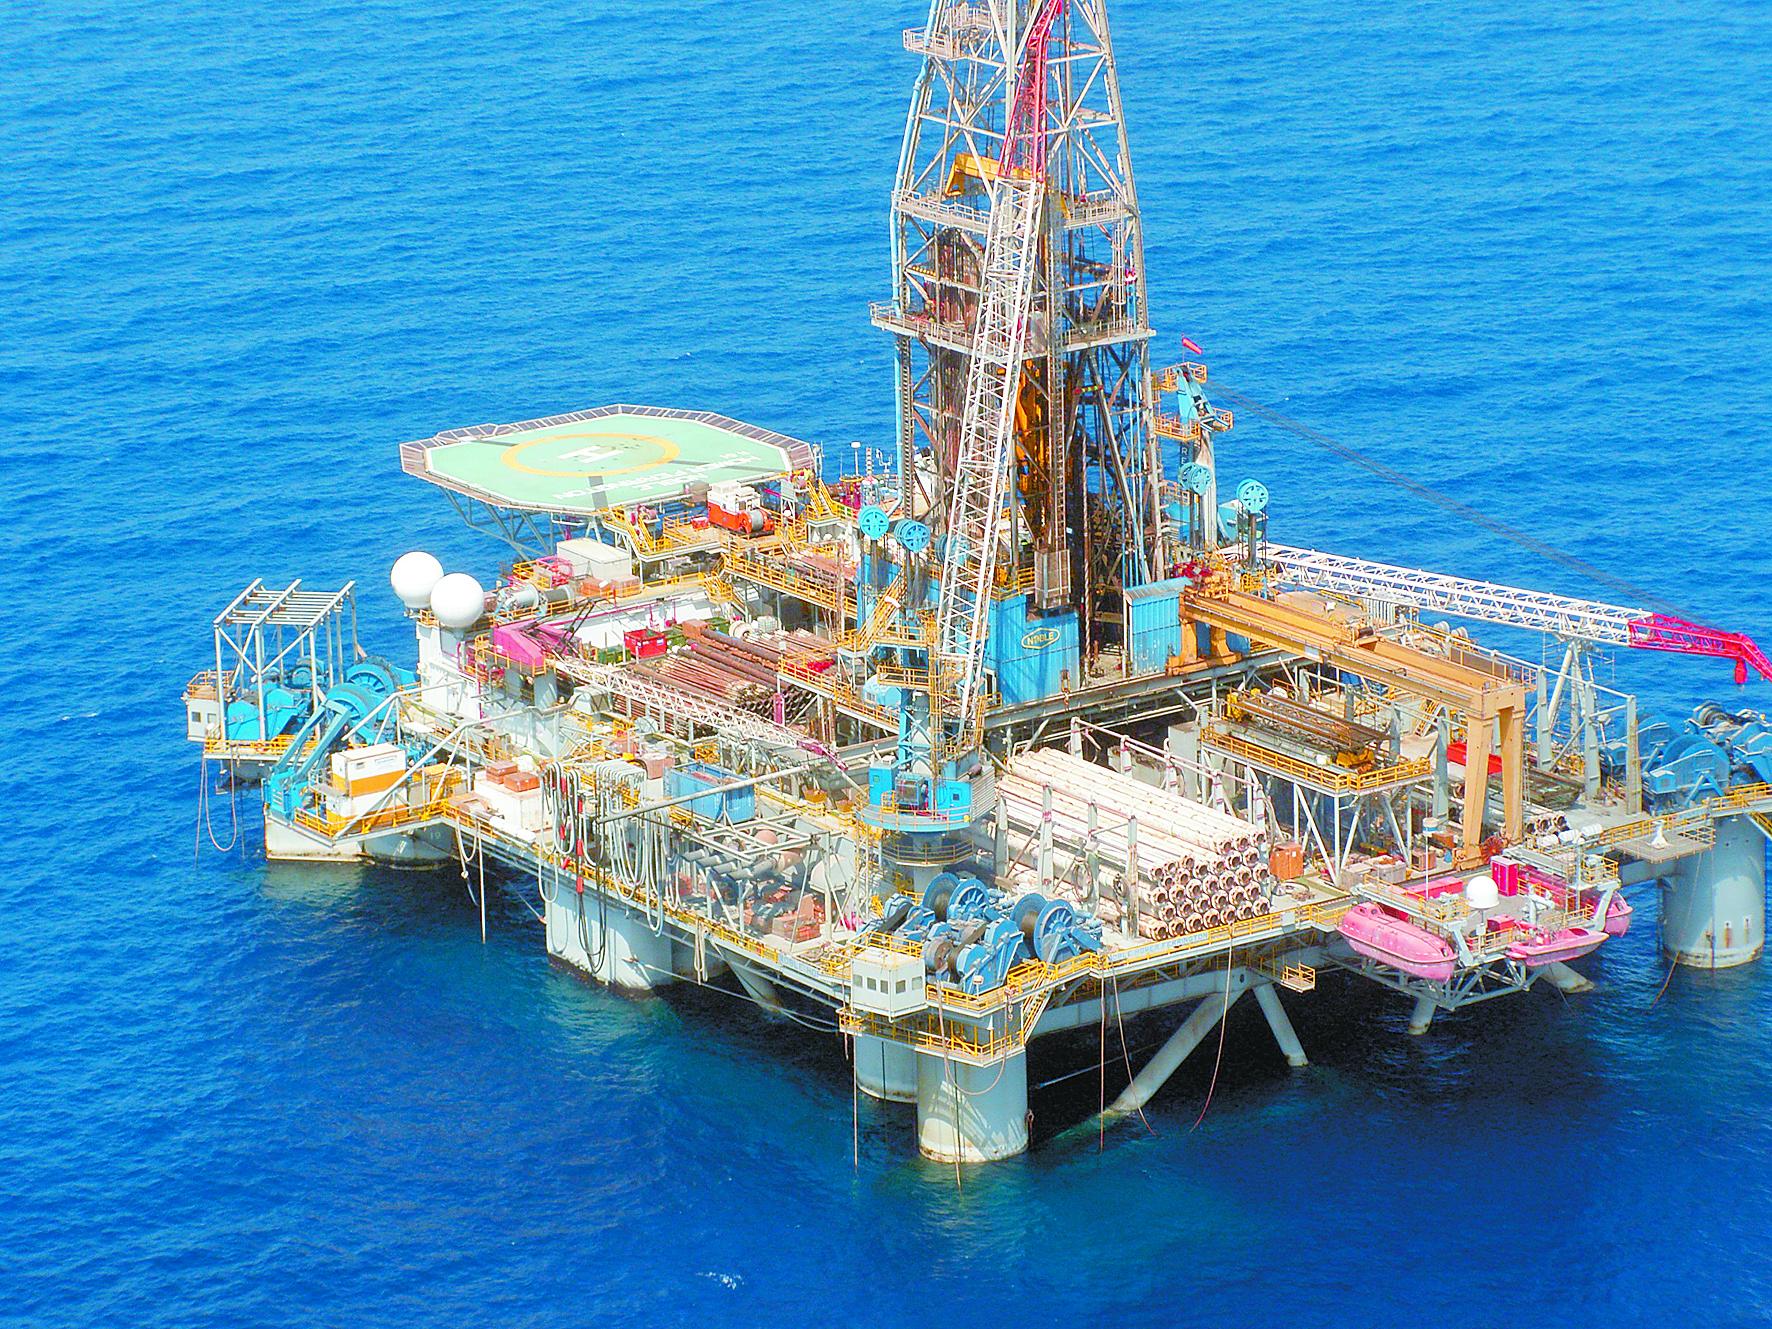 Η «Μεσογειακή Ασπίδα» της Αγκυρας απειλεί την Κύπρο | tovima.gr